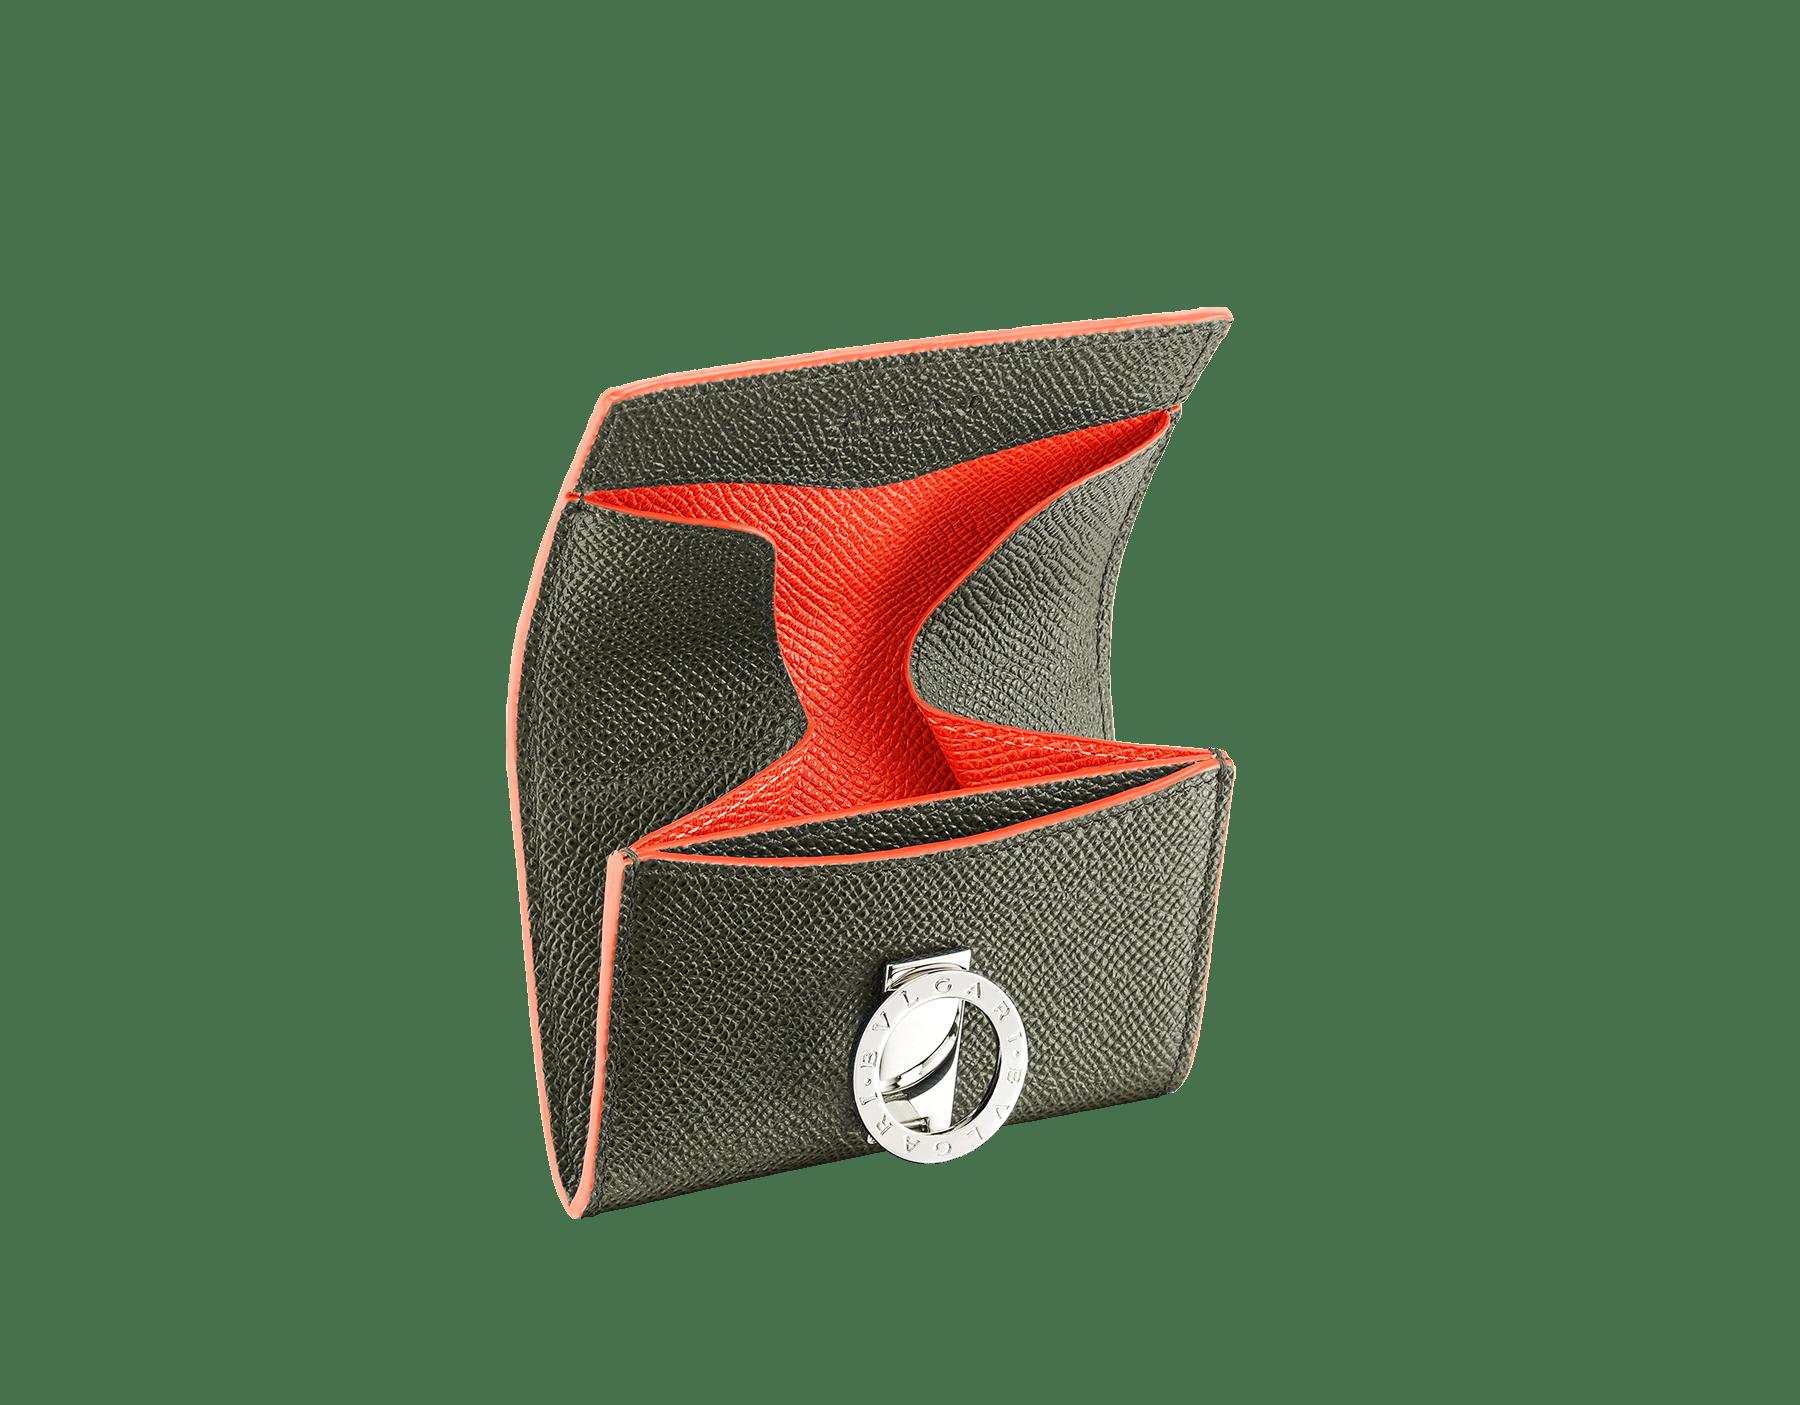 Porte-monnaie BVLGARI BVLGARI en cuir de veau grainé couleur Mimetic Jade et Fire Amber. Fermoir emblématique orné du logo Bvlgari en laiton plaqué ruthénium. BCM-WLT-S-RECTb image 2